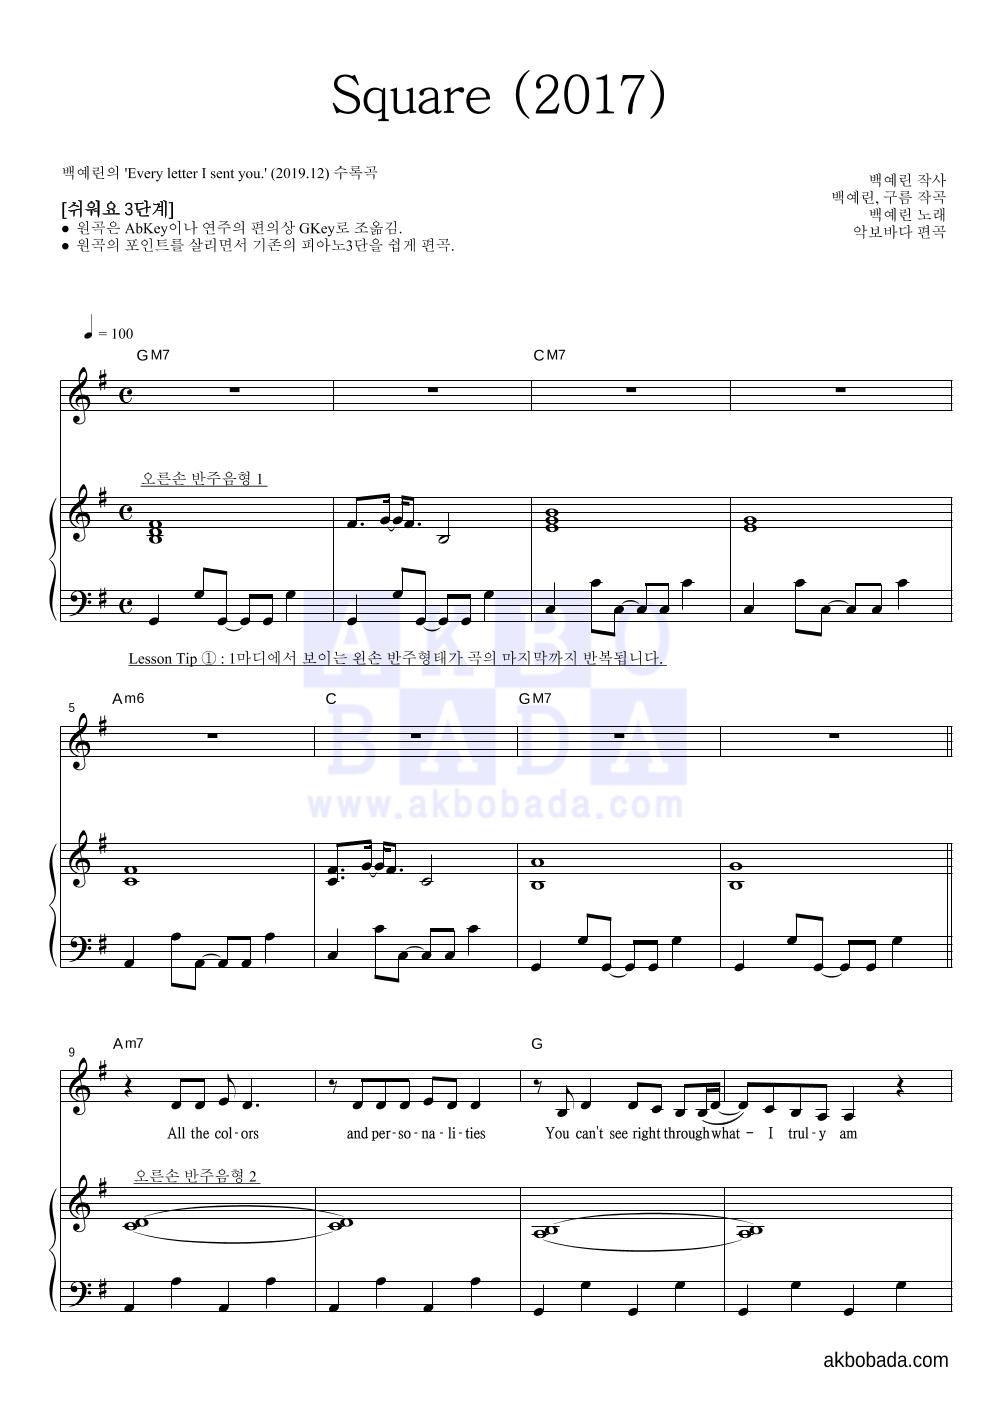 백예린 - Square (2017) 피아노3단-쉬워요 악보